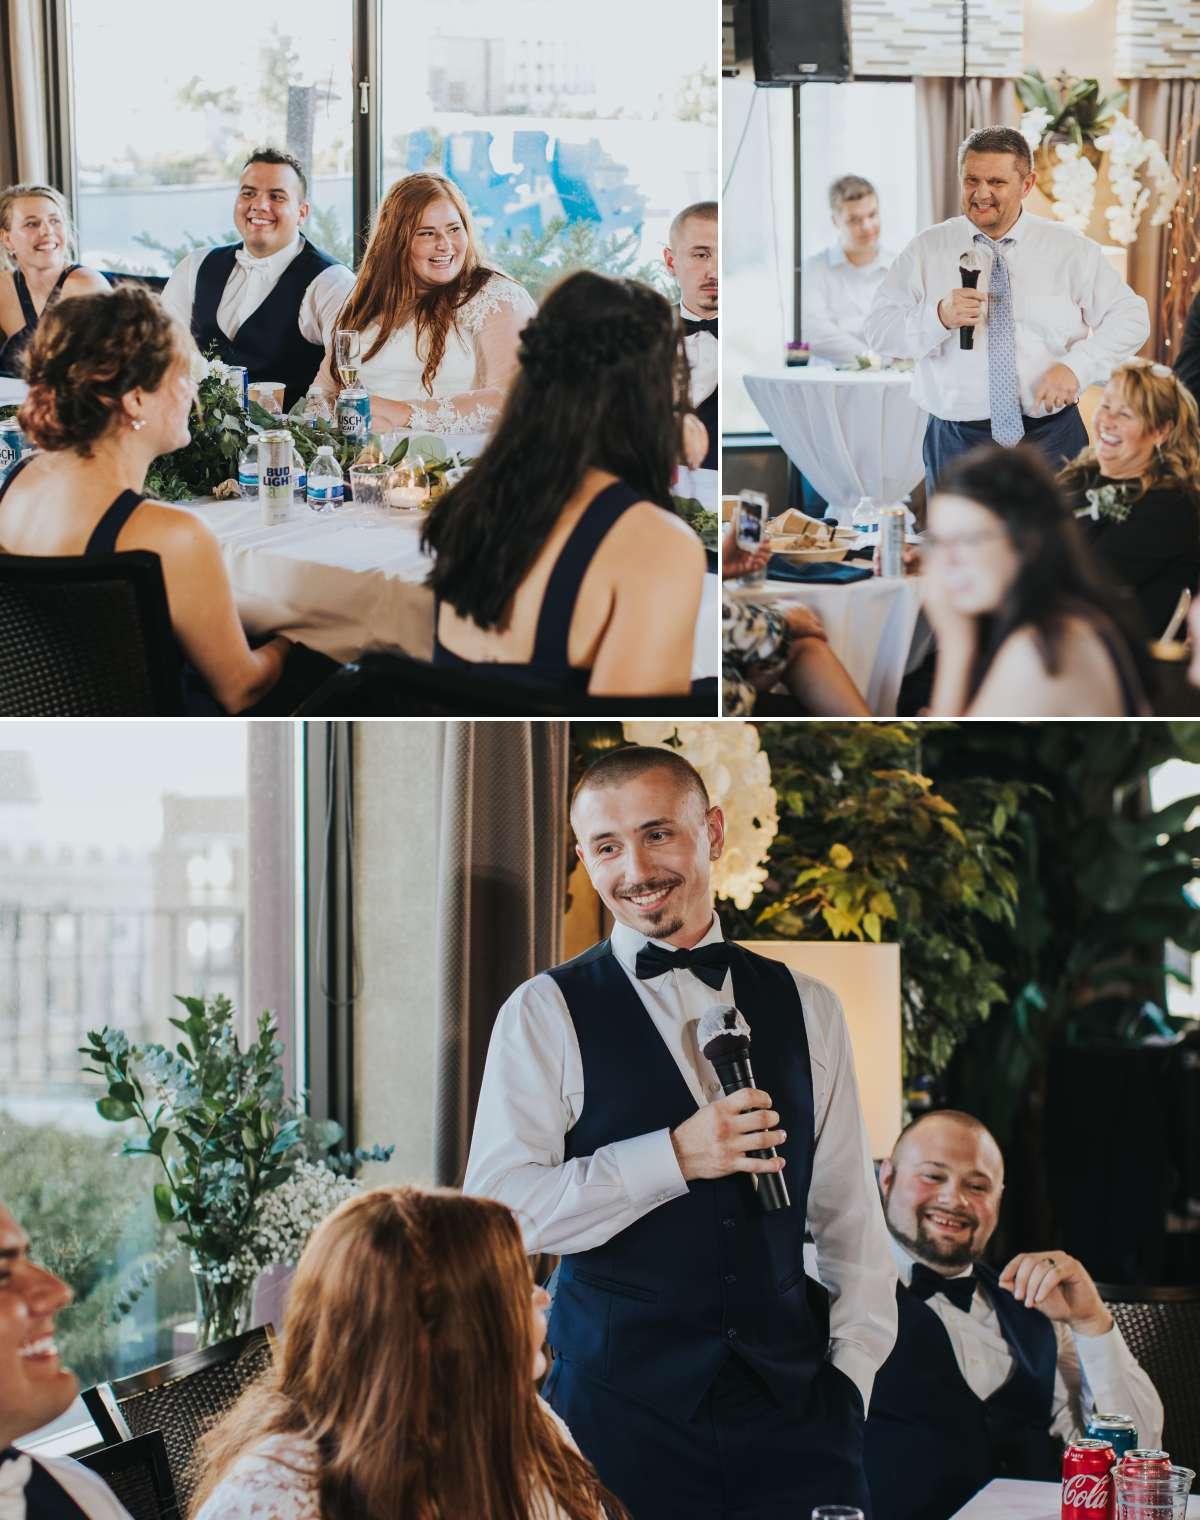 Wedding Toasts in Minneapolis Minnesota